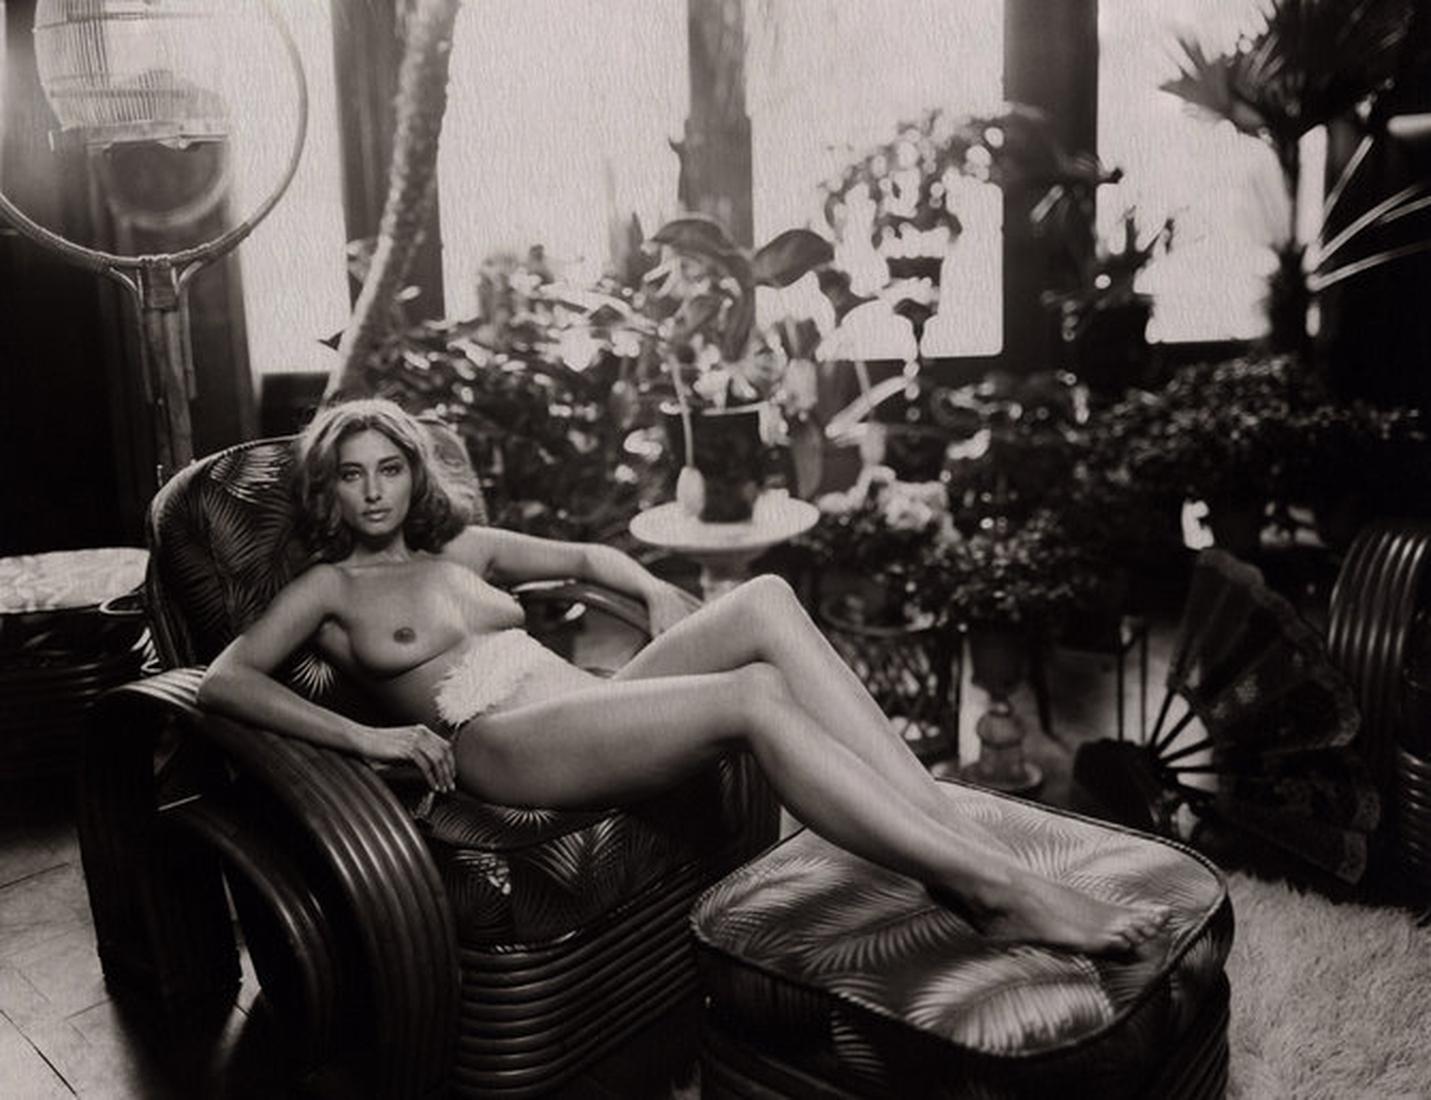 Фото ретро голие девушки, Фотографии ретро-эротики, фото эротика 15 фотография